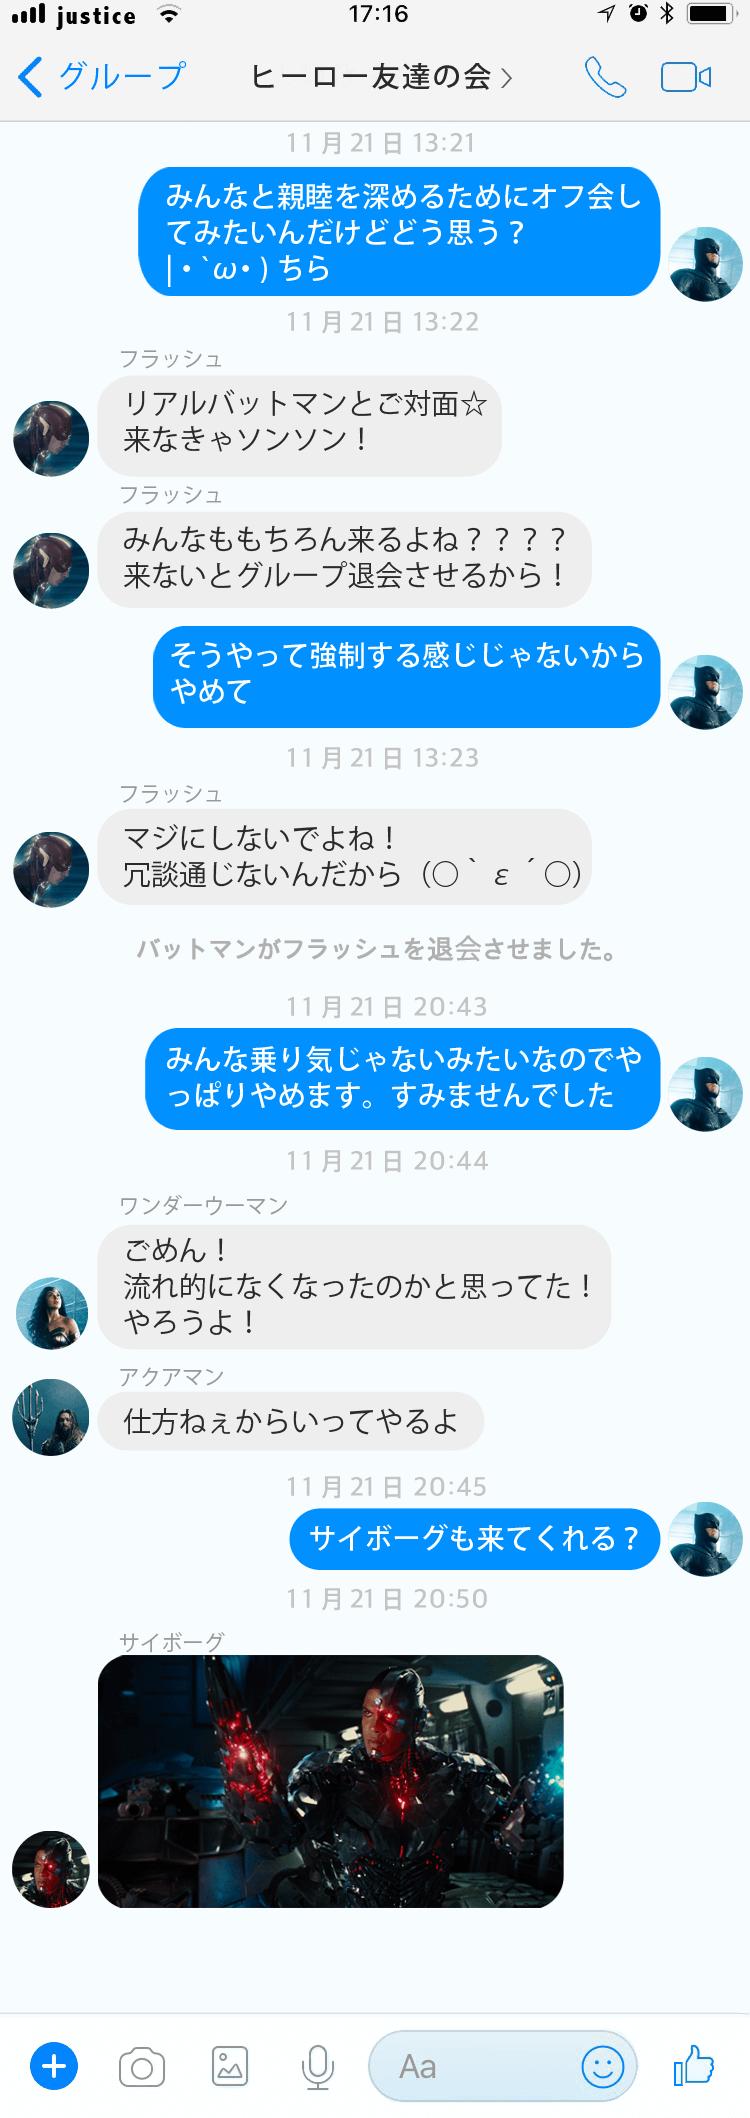 justice_messenger4